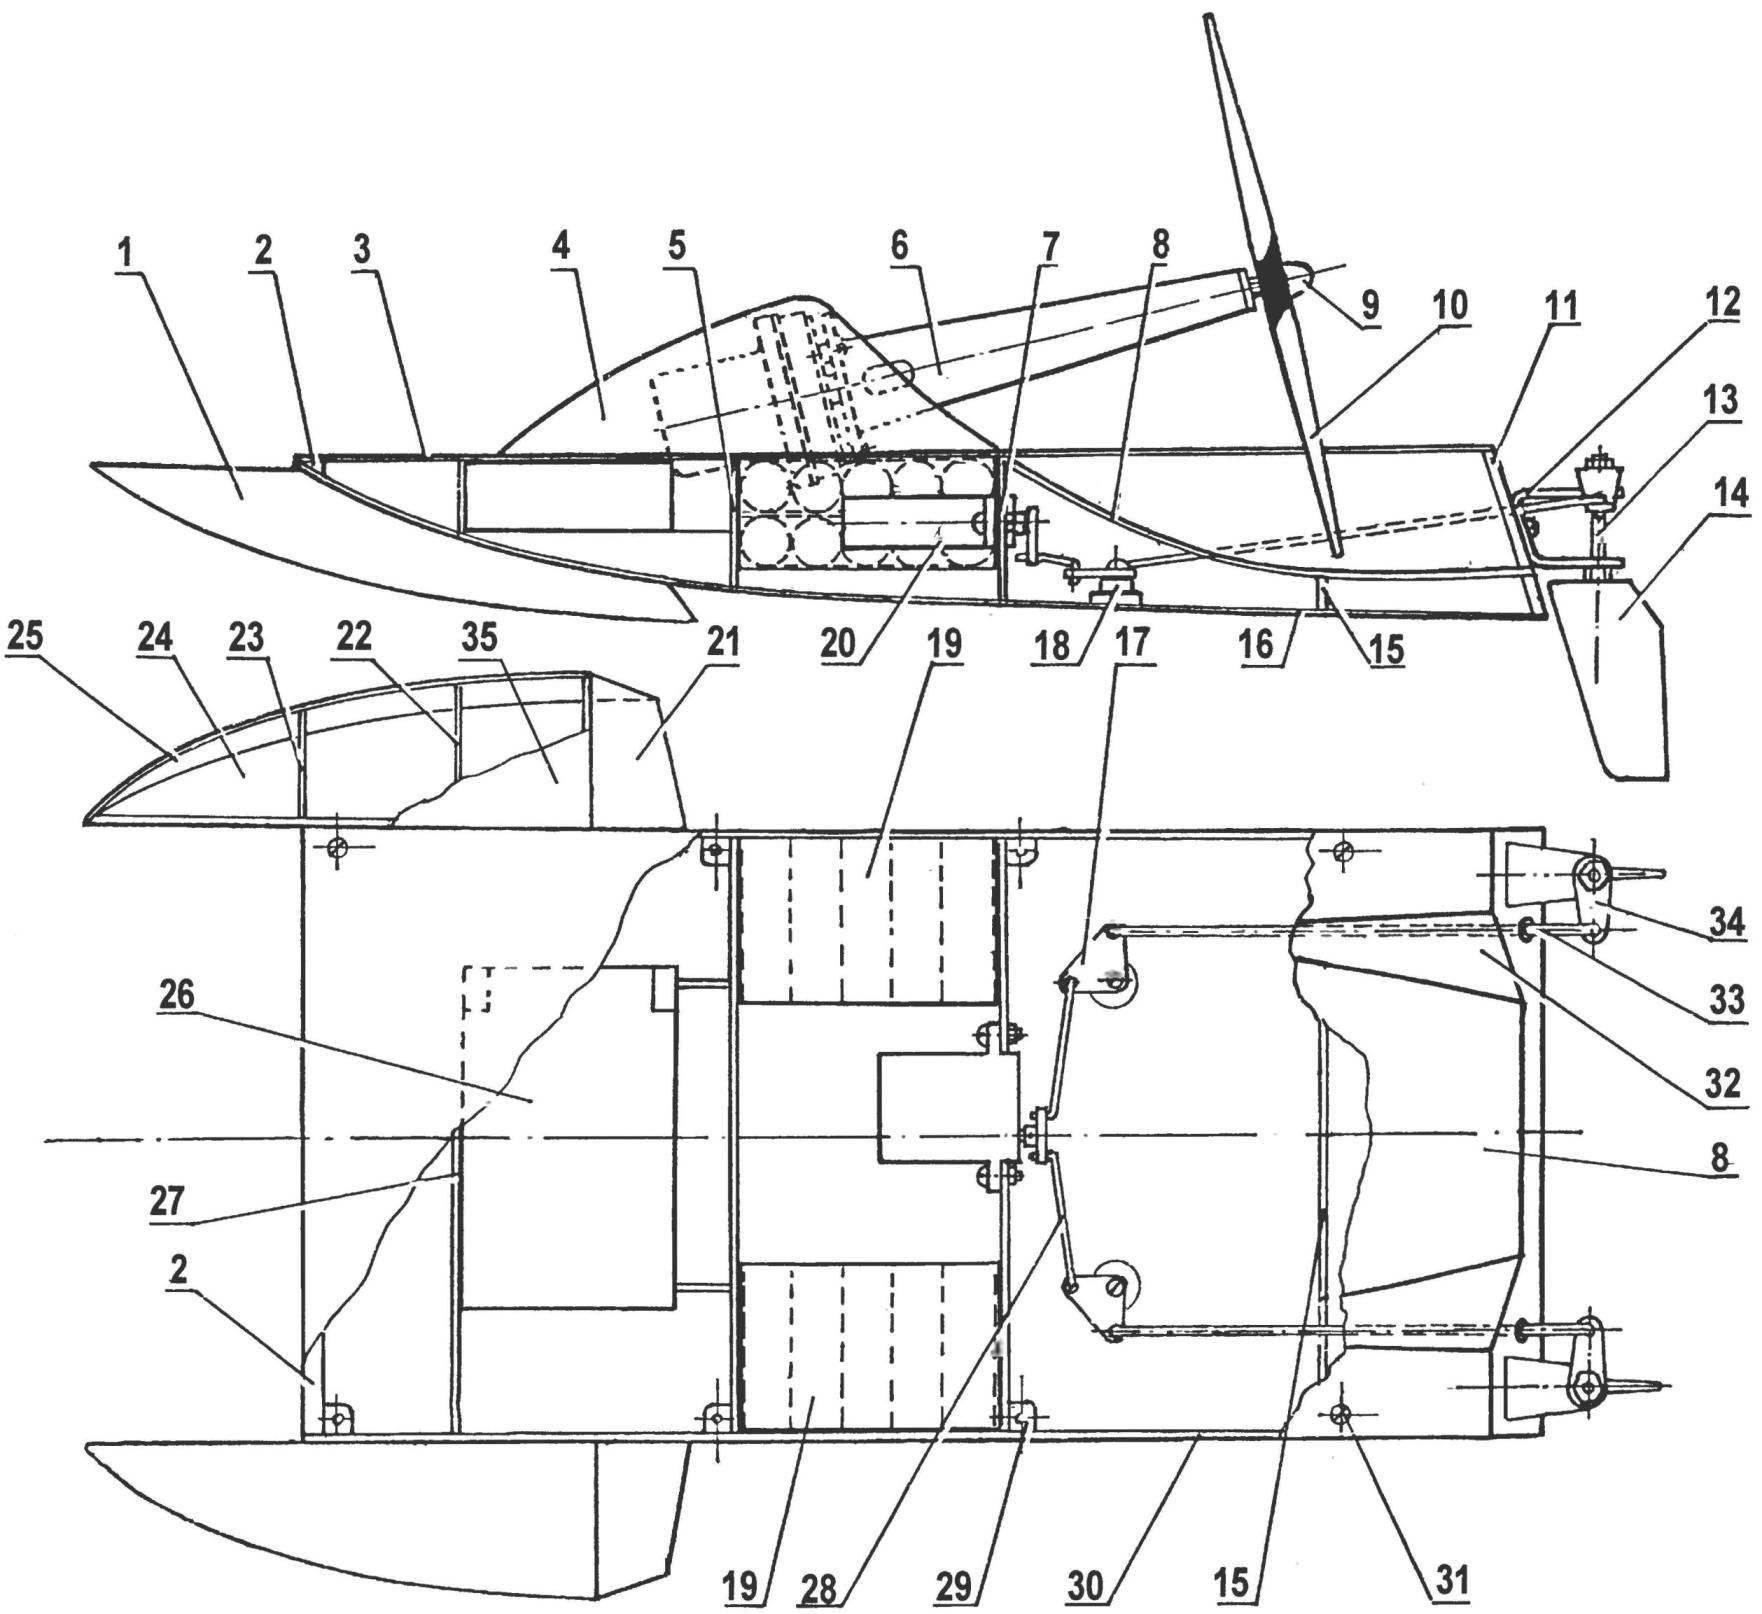 Как сделать аэролодку своими руками чертежи 23